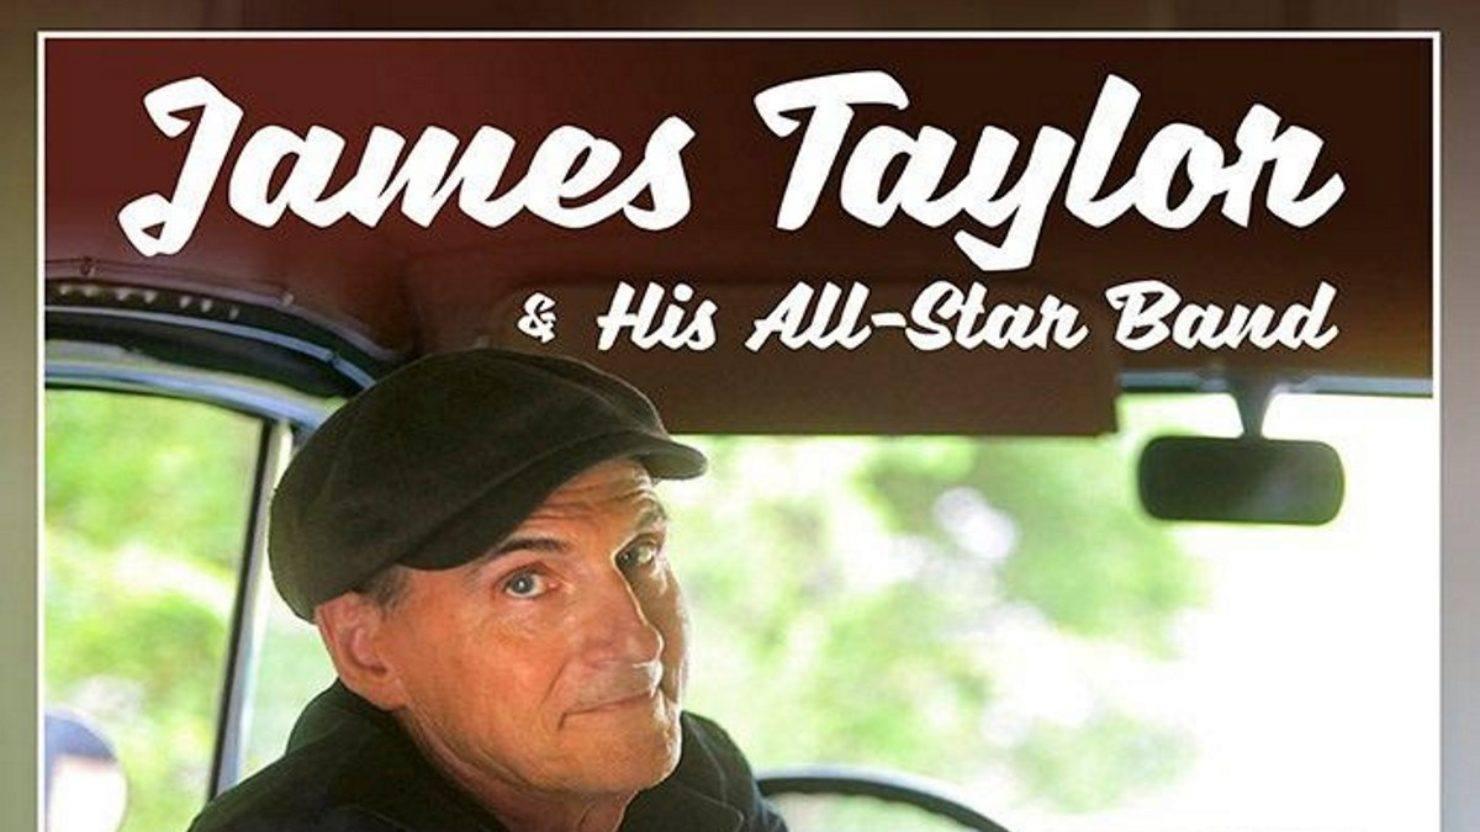 James Taylor Tour Seattle